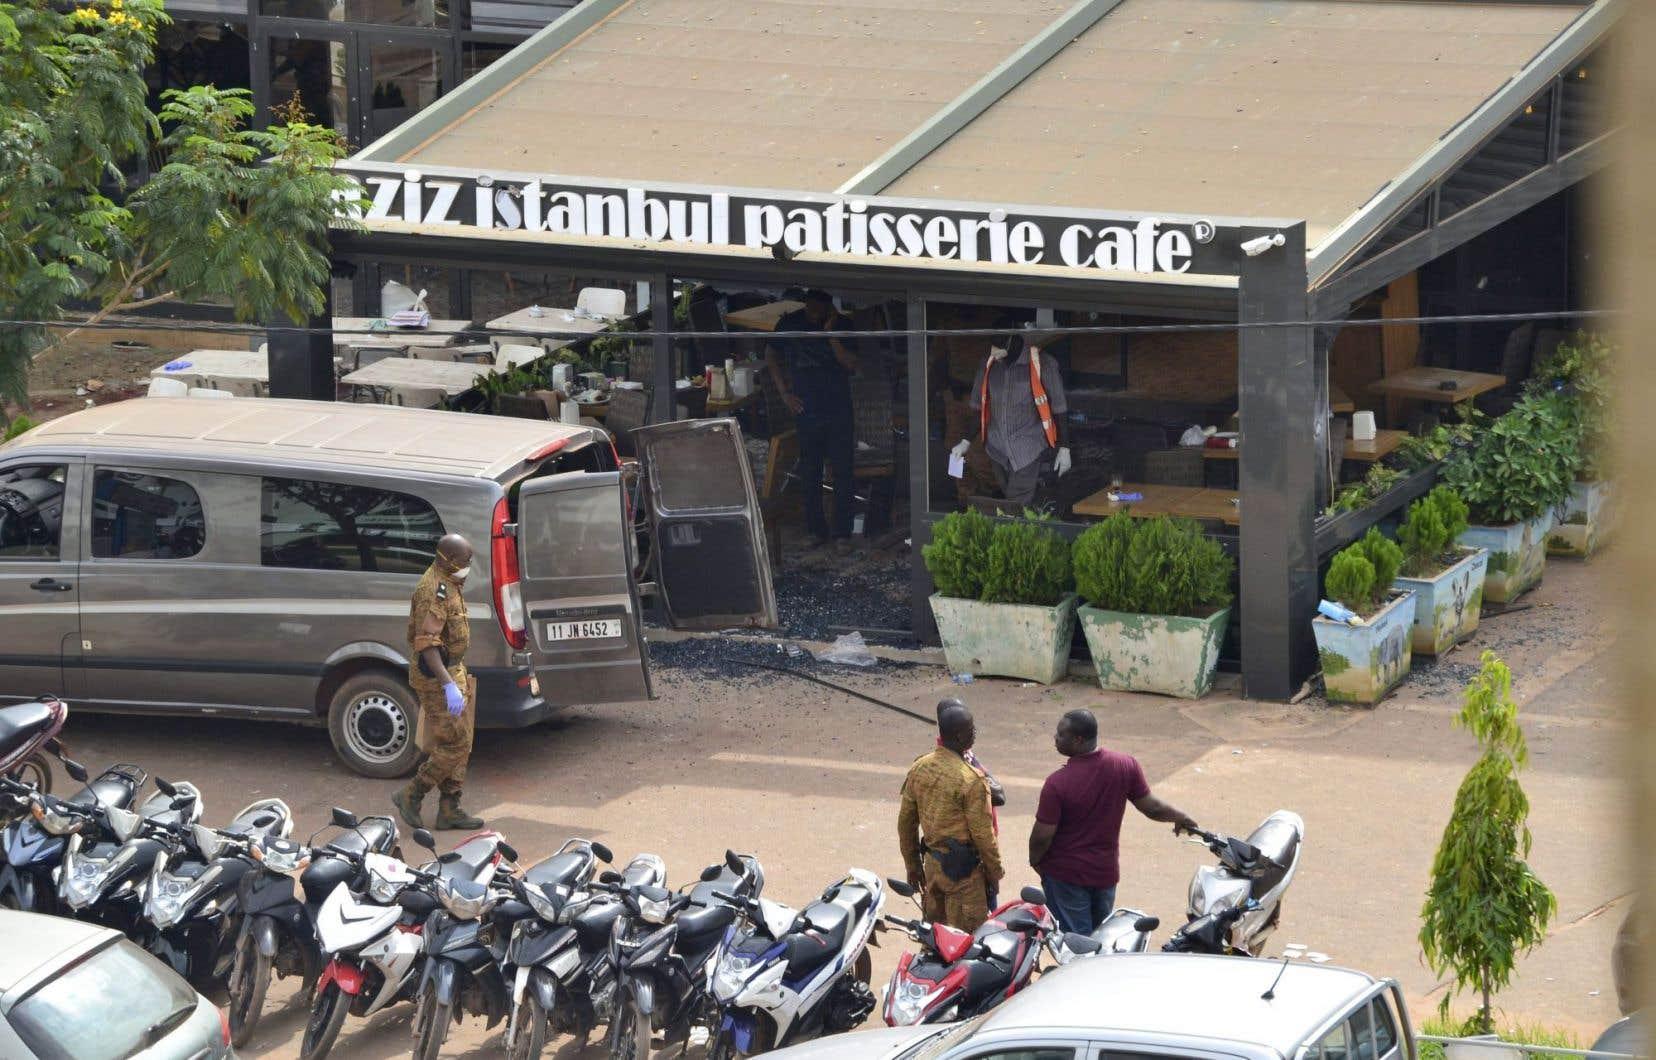 Le restaurant Istanbul est situé à 200 mètres du café Cappuccino, qui avait été en janvier2016 la cible d'une attaque djihadiste sanglante.